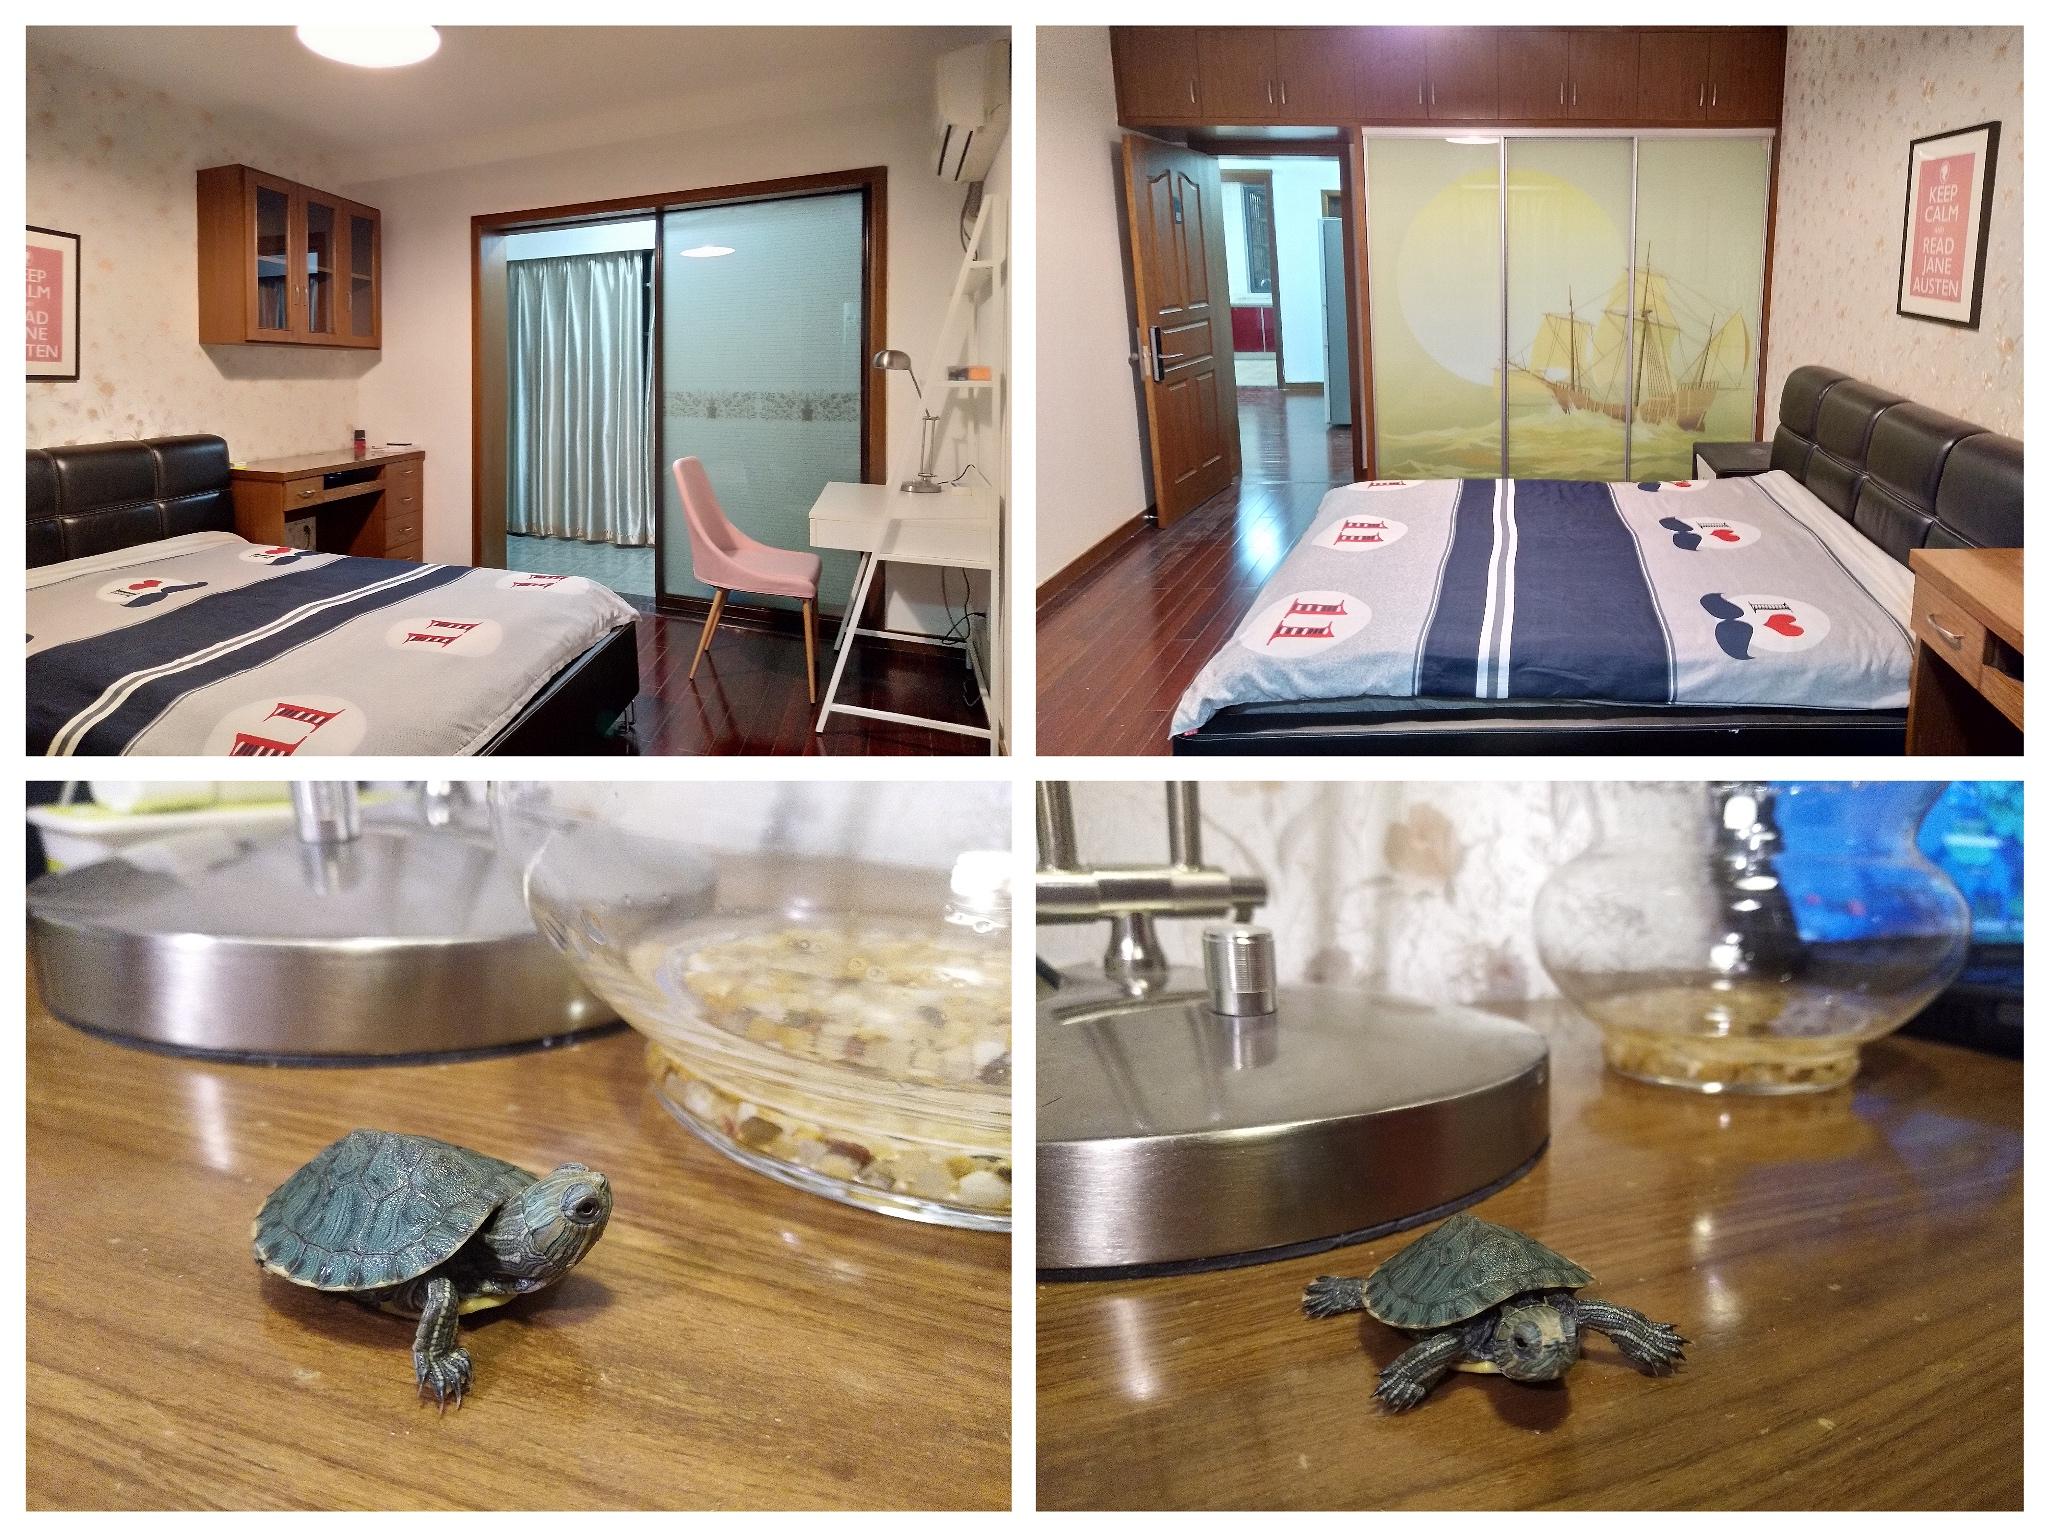 我的小窝和我的小乌龟